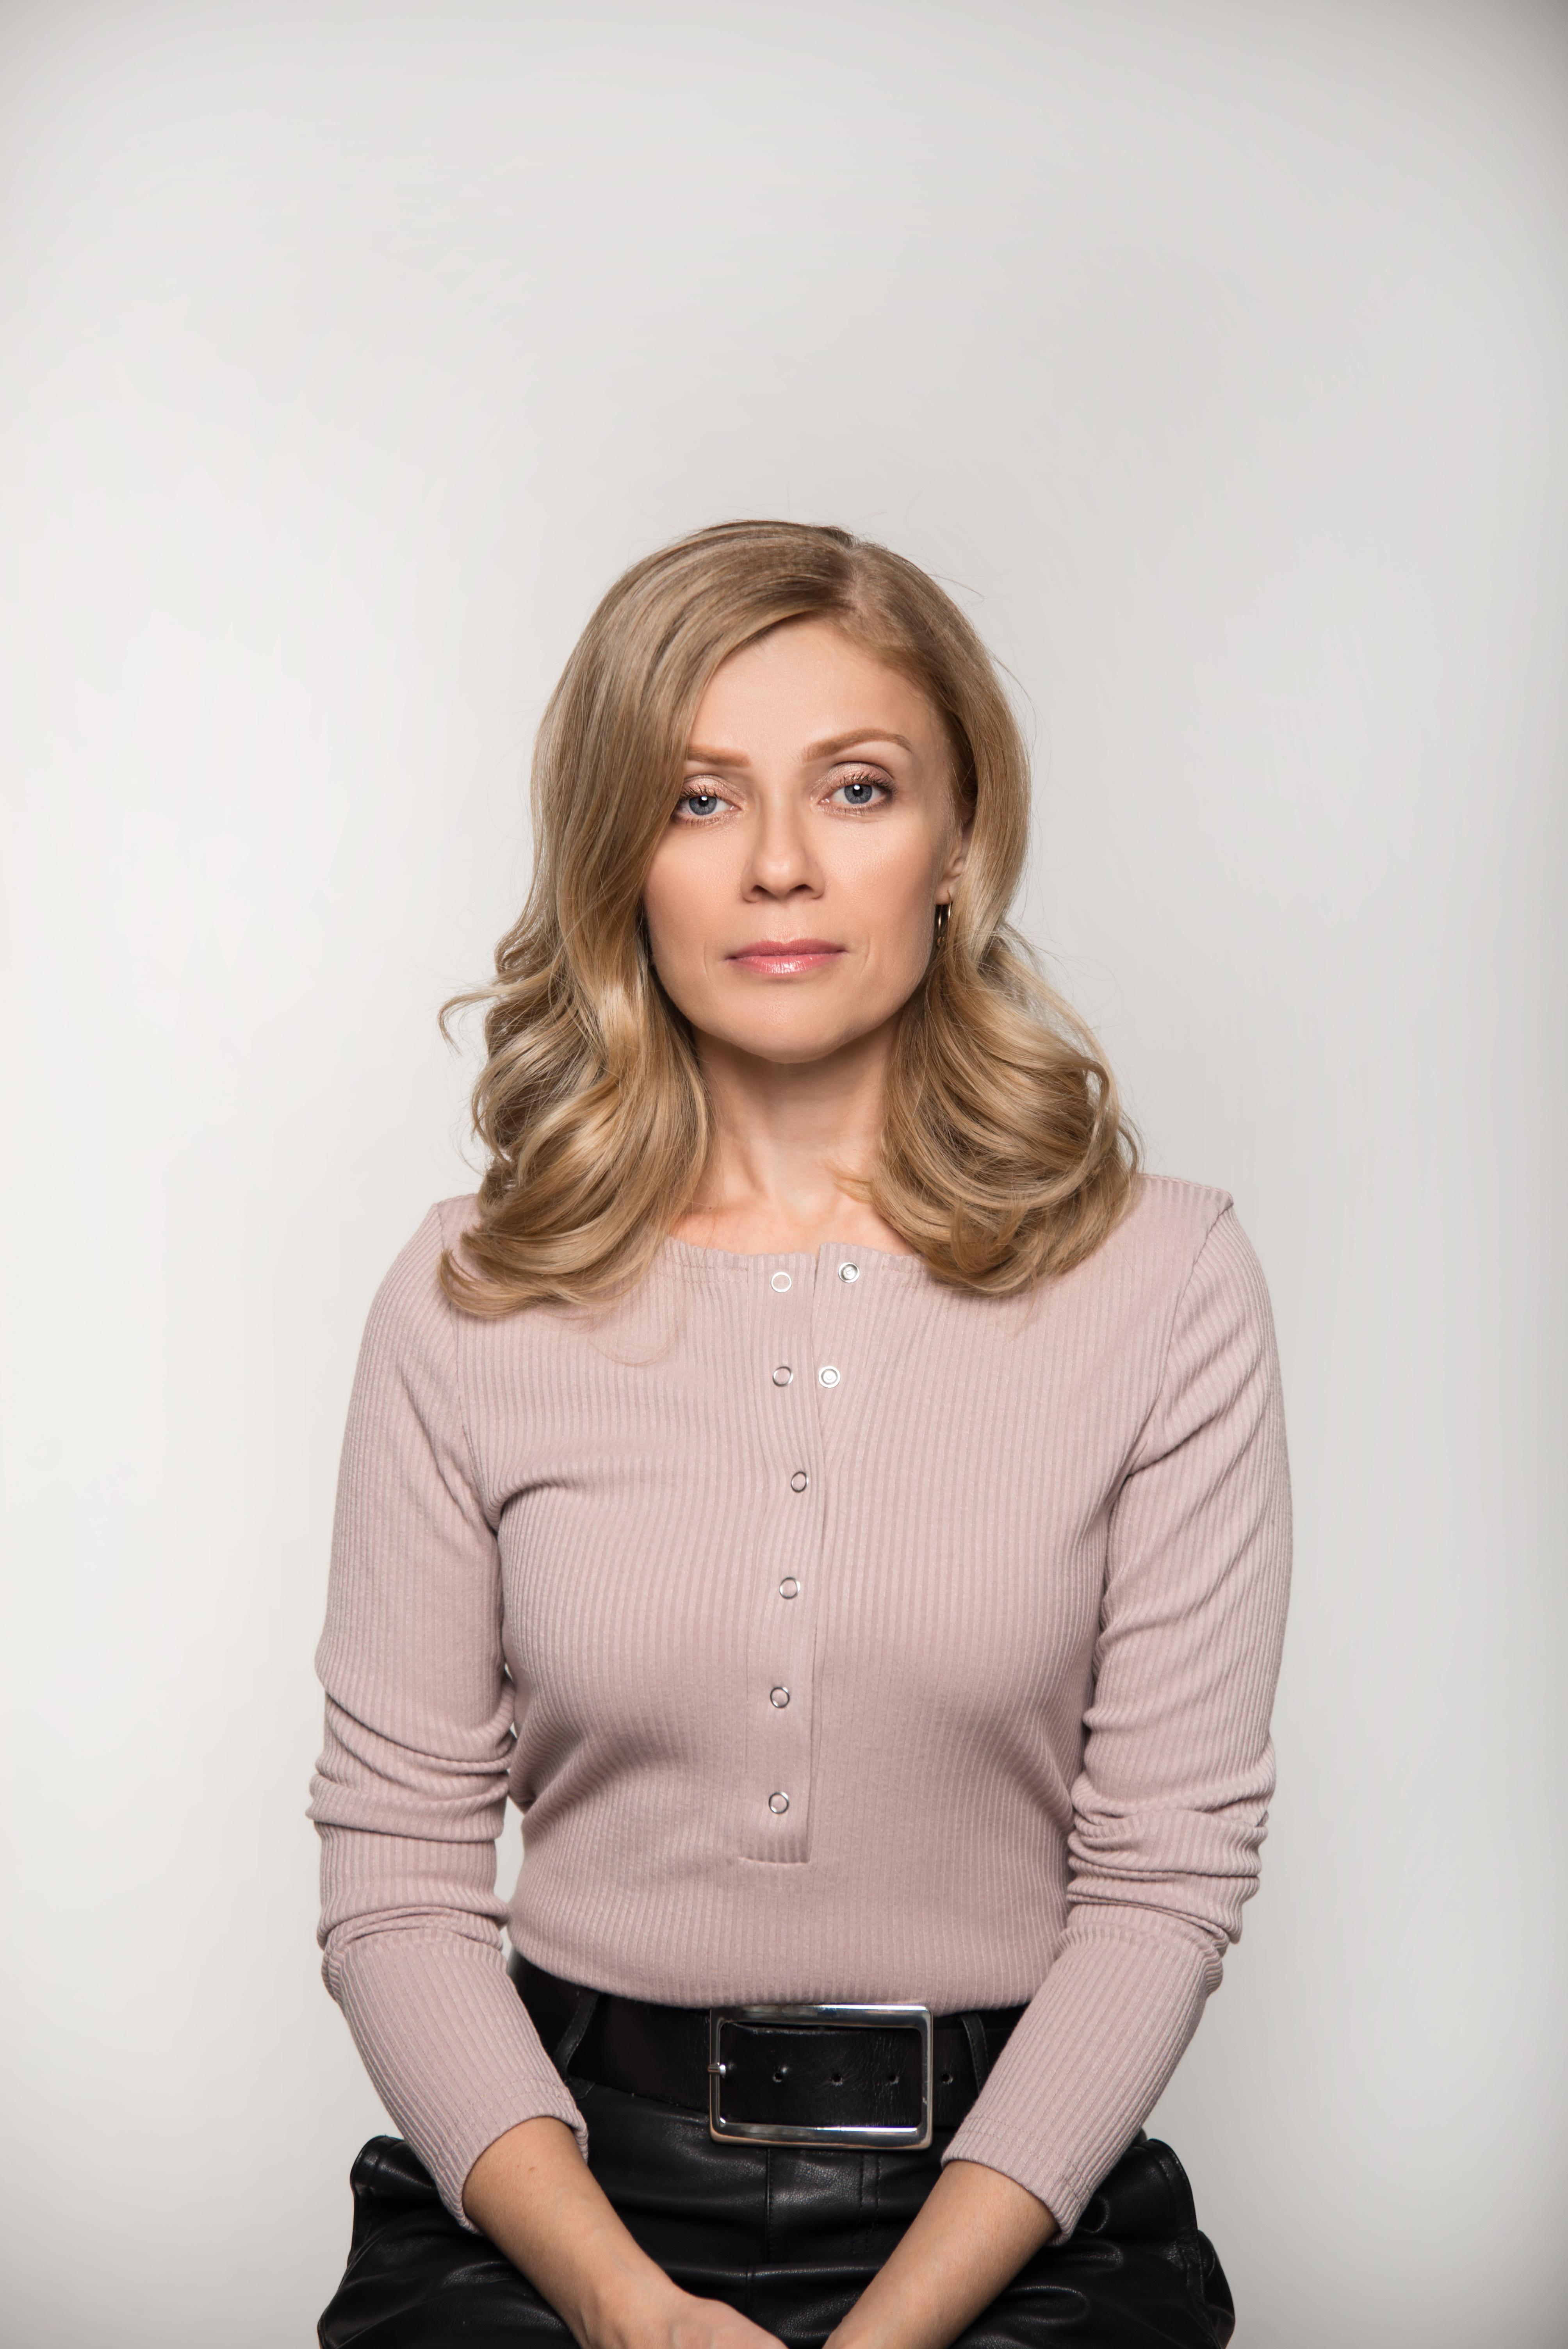 Олеся Шилякова